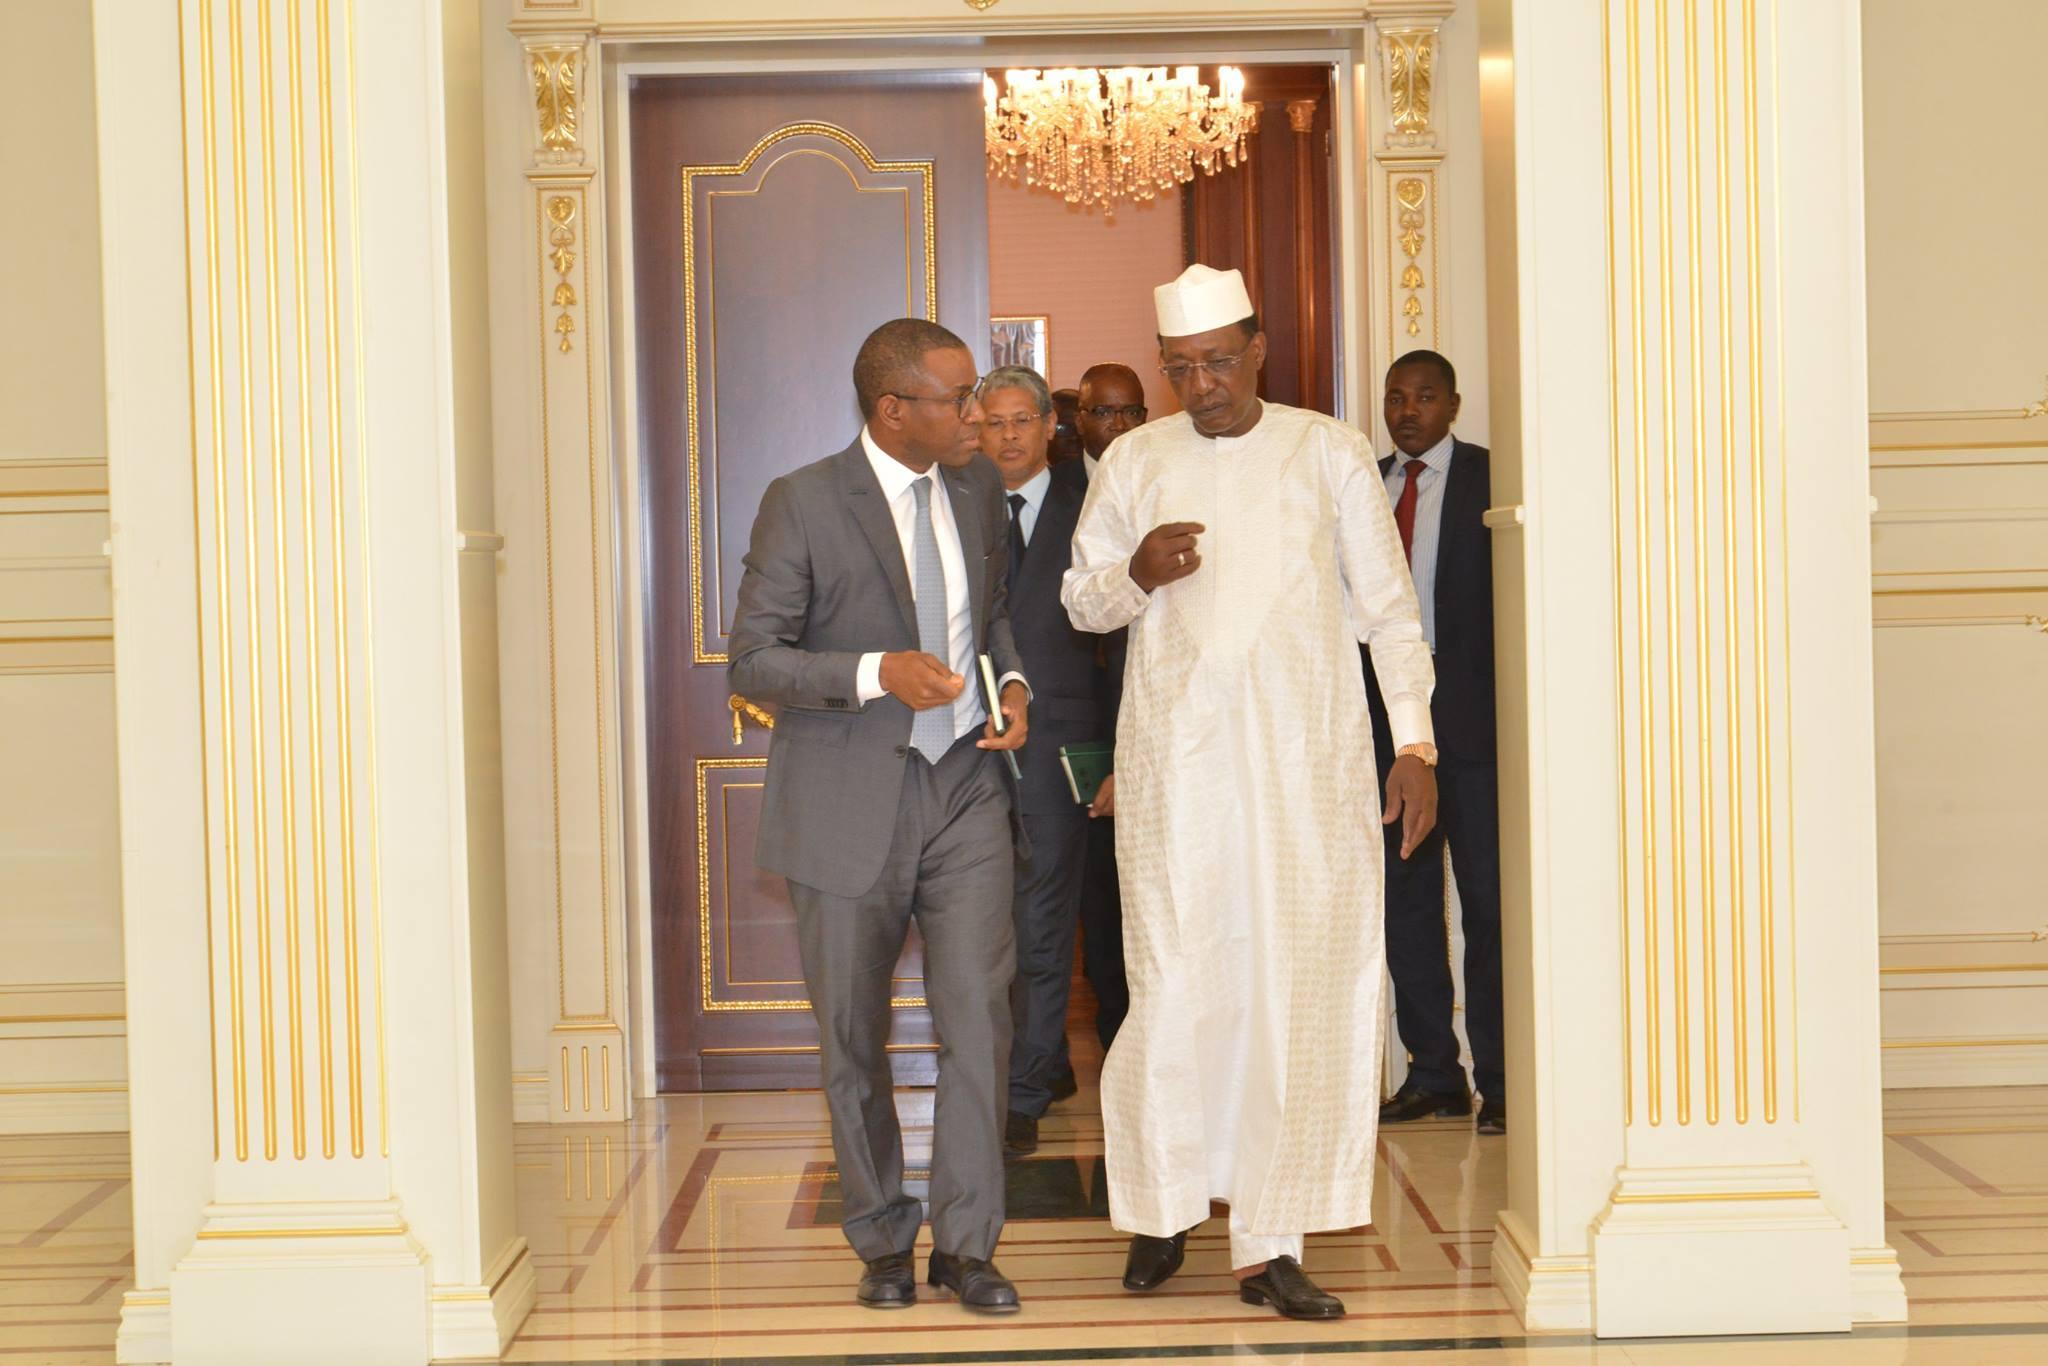 Le Président tchadien a accordé aujourd'hui une audience au vice-président du groupe de la Banque africaine de développement (BAD), M. Amadou Hott.